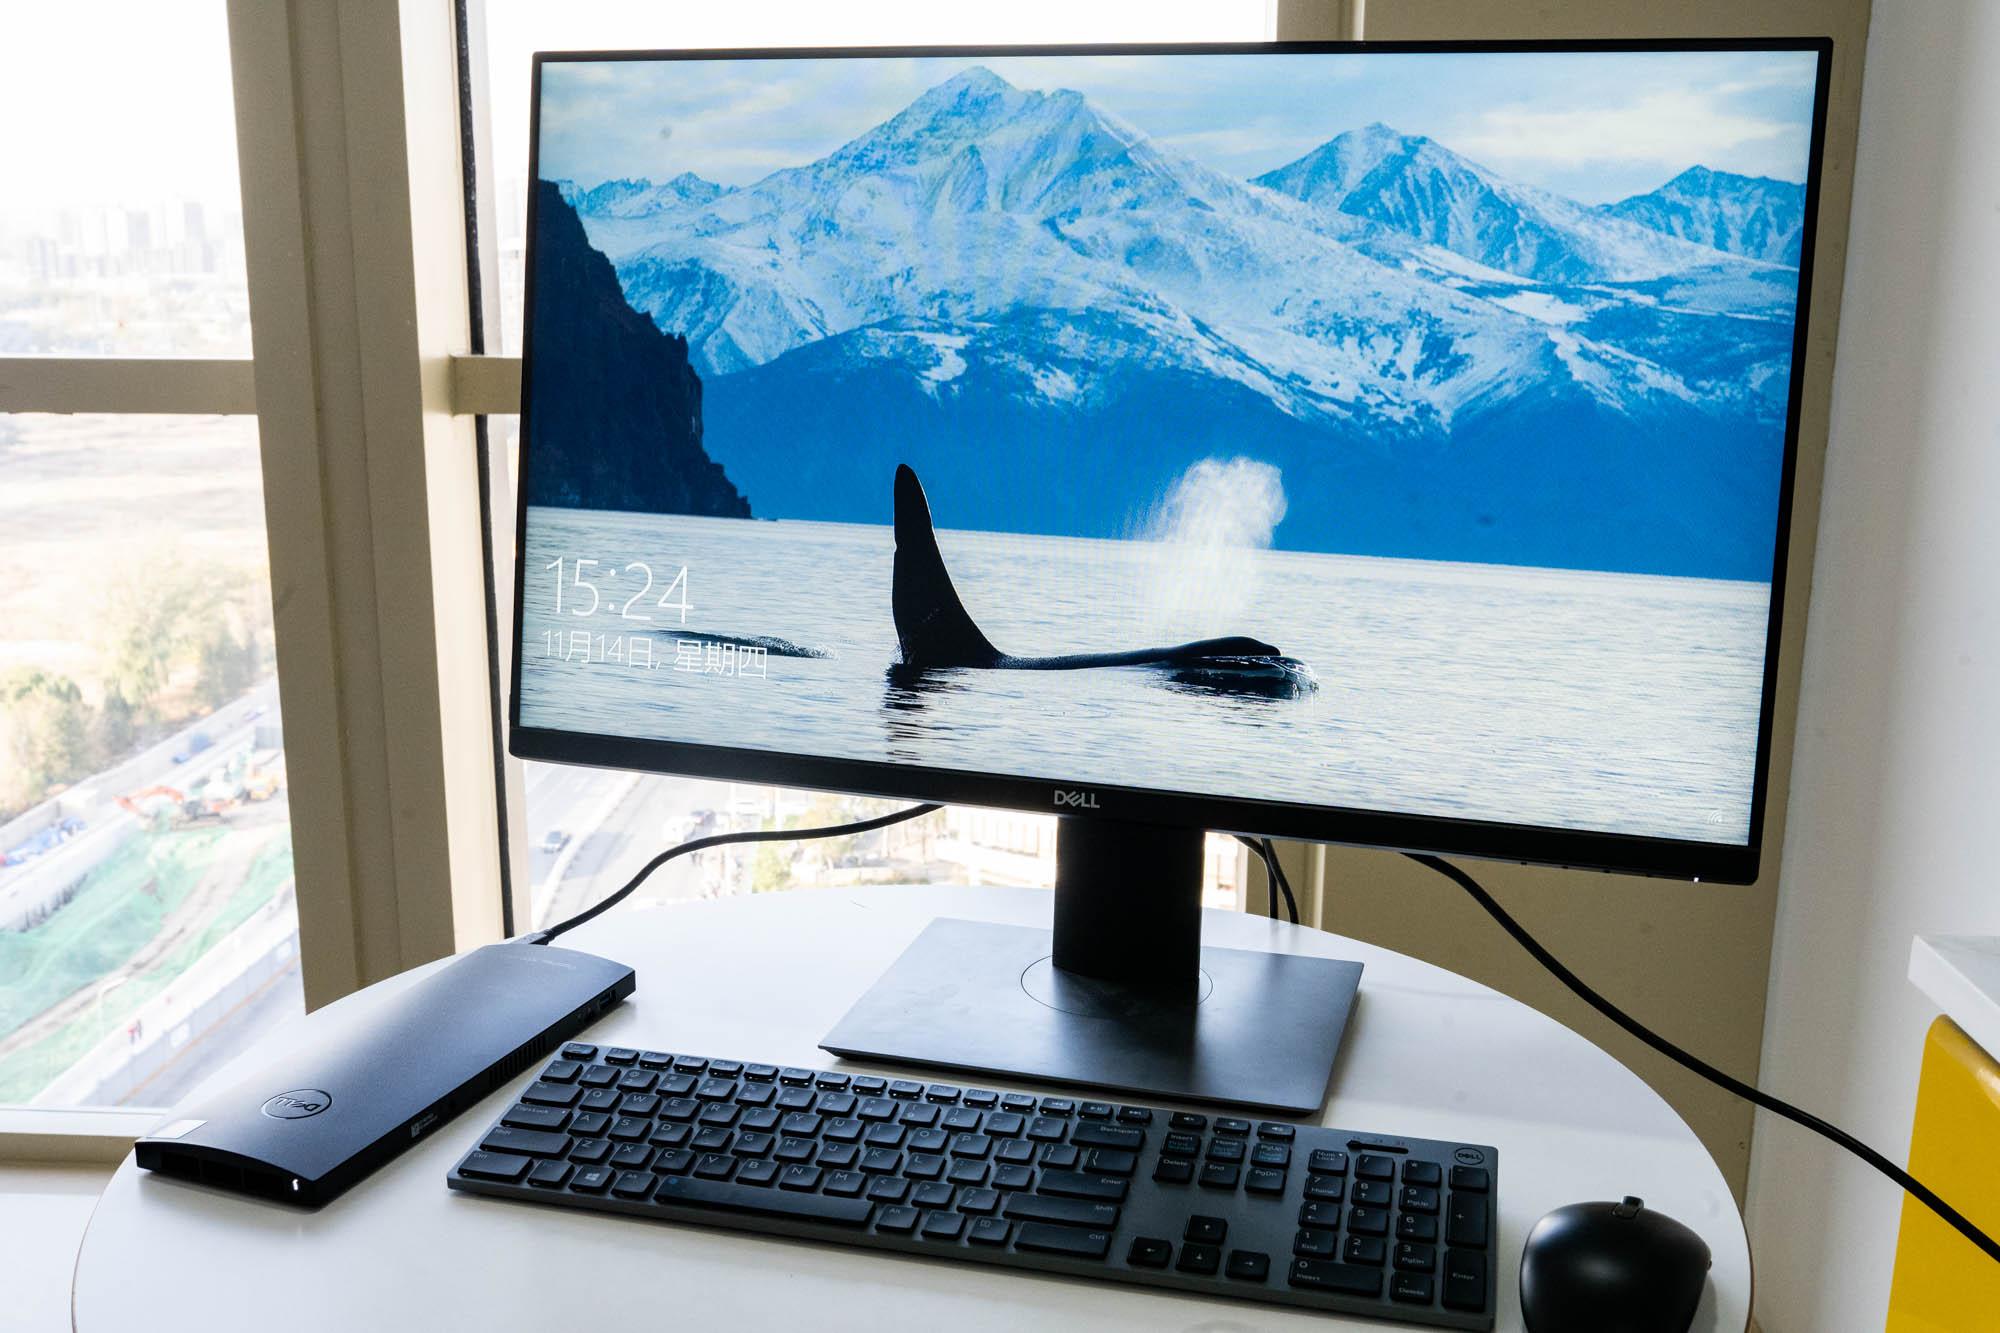 原创             戴尔新款便携式主机图赏:主机可藏进显示器,厚度不到3cm